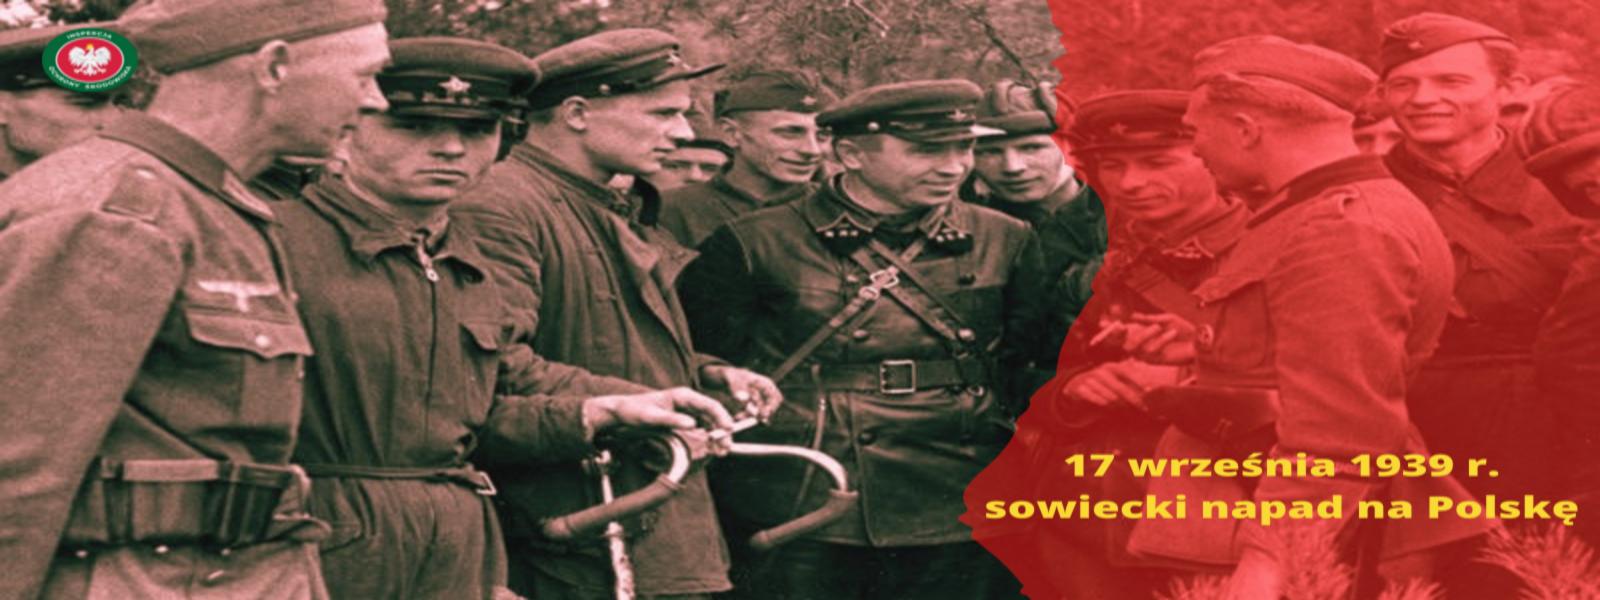 17 września 1939 r. - sowiecki napad na Polskę